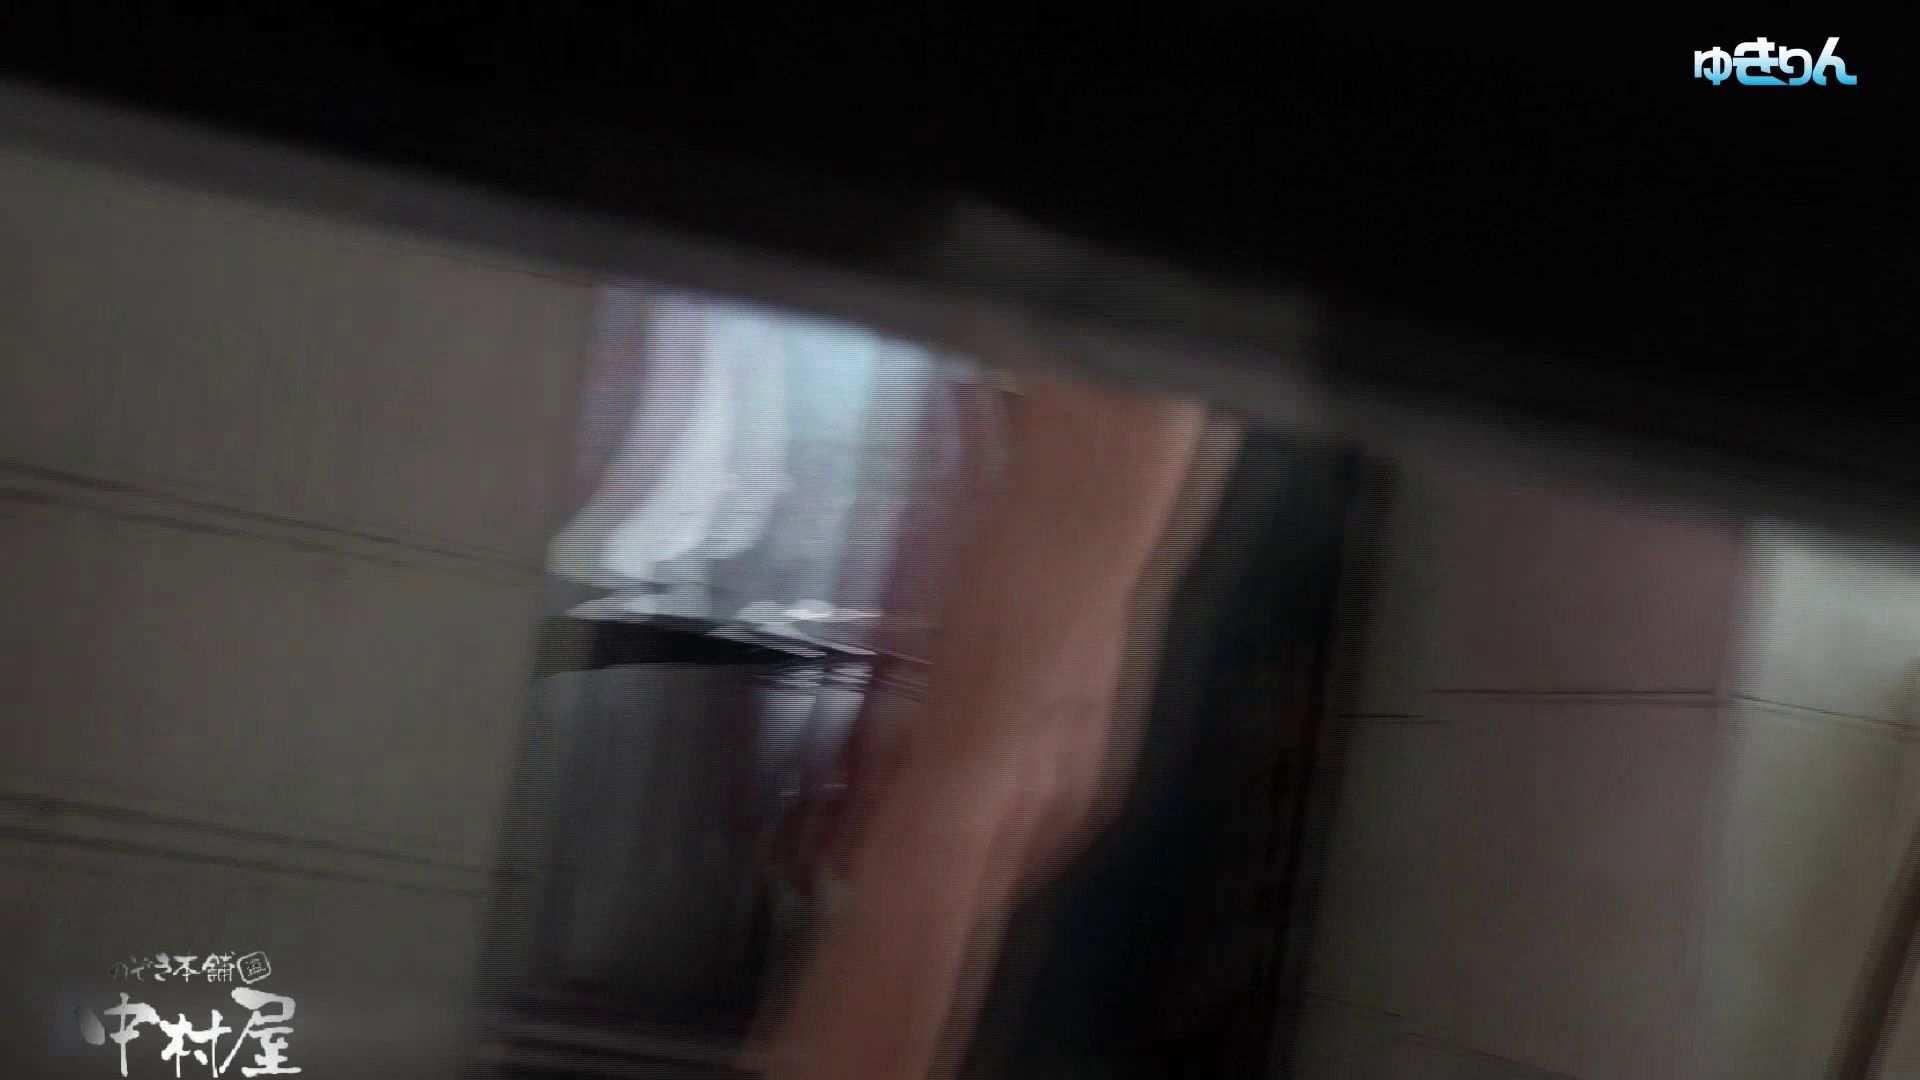 世界の射窓から~ステーション編~ vol64 モデル登場!最高級の美人全然違う花弁 盗撮シリーズ  76PIX 6